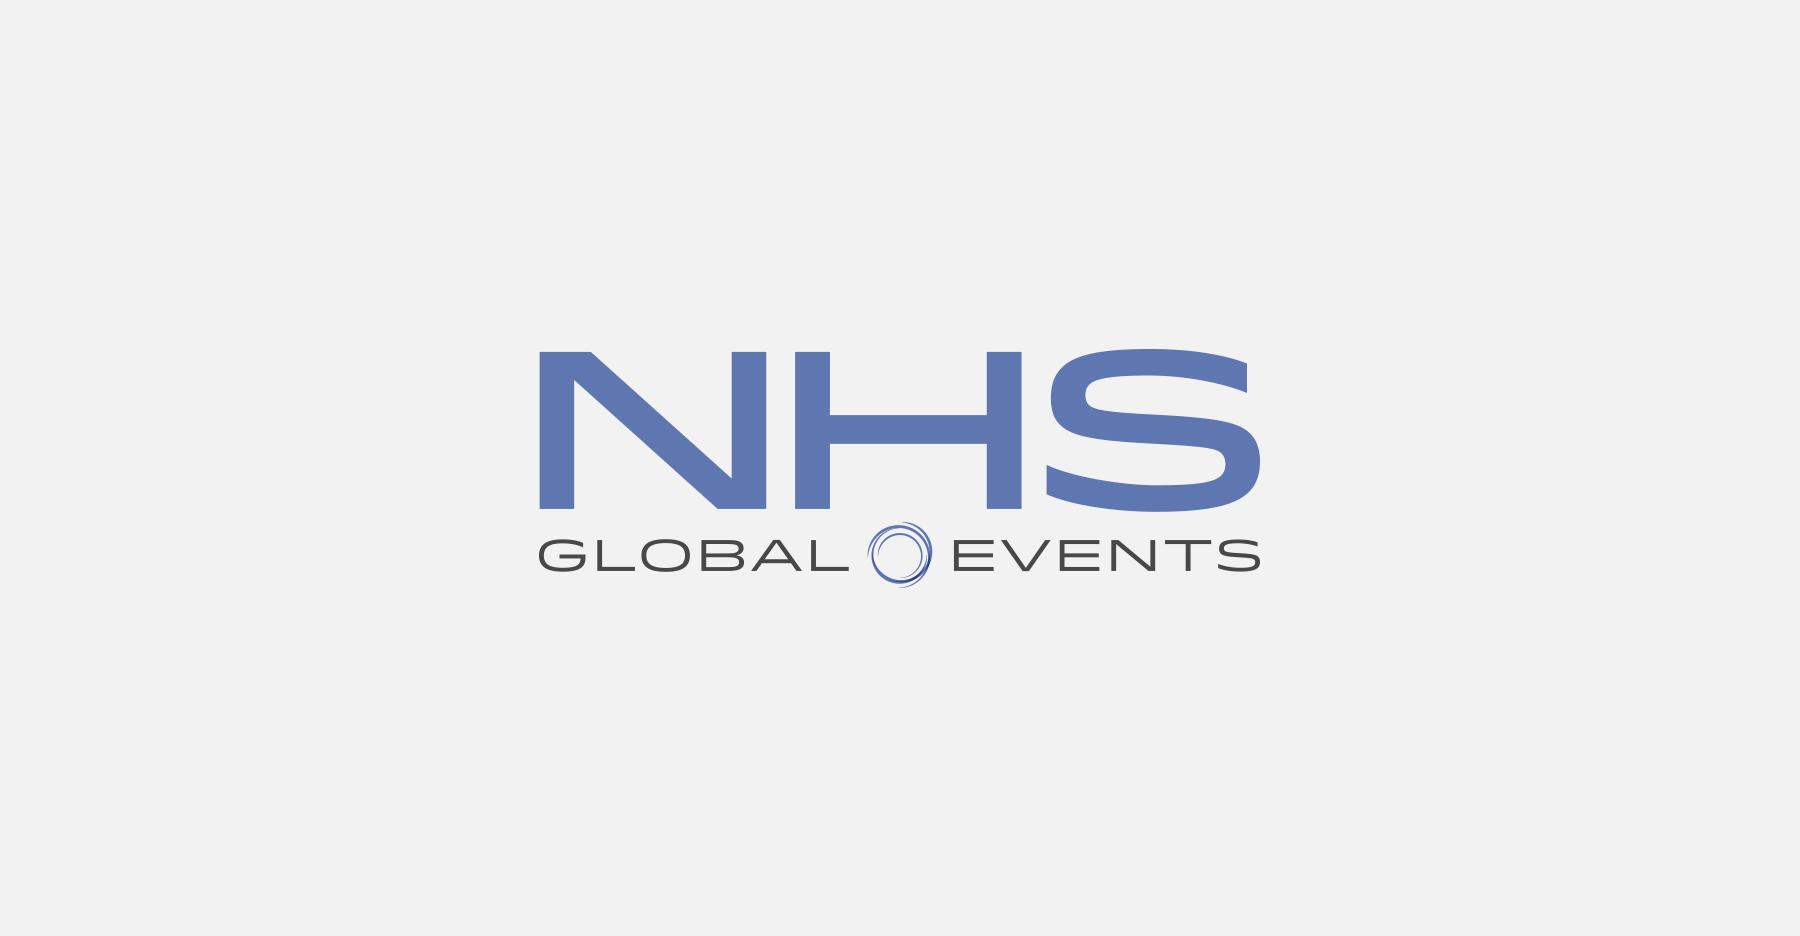 NHS Global Events.jpg